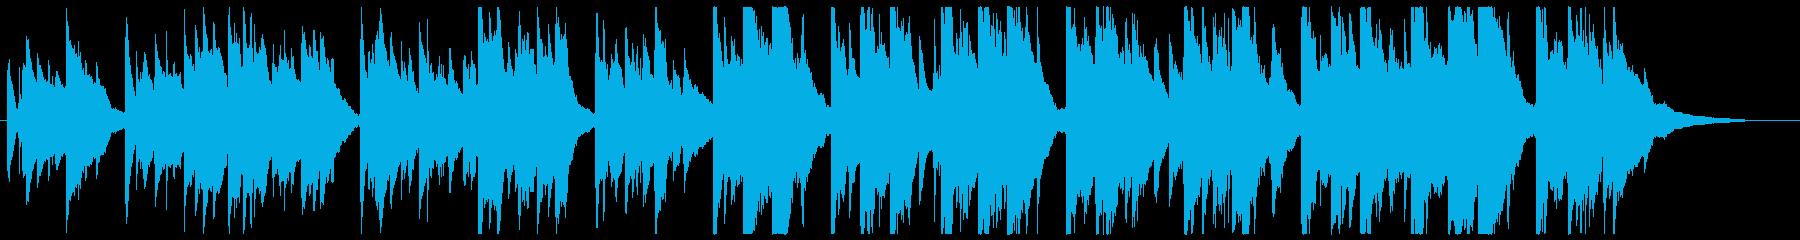 切なく力強いアコースティックギターソロの再生済みの波形